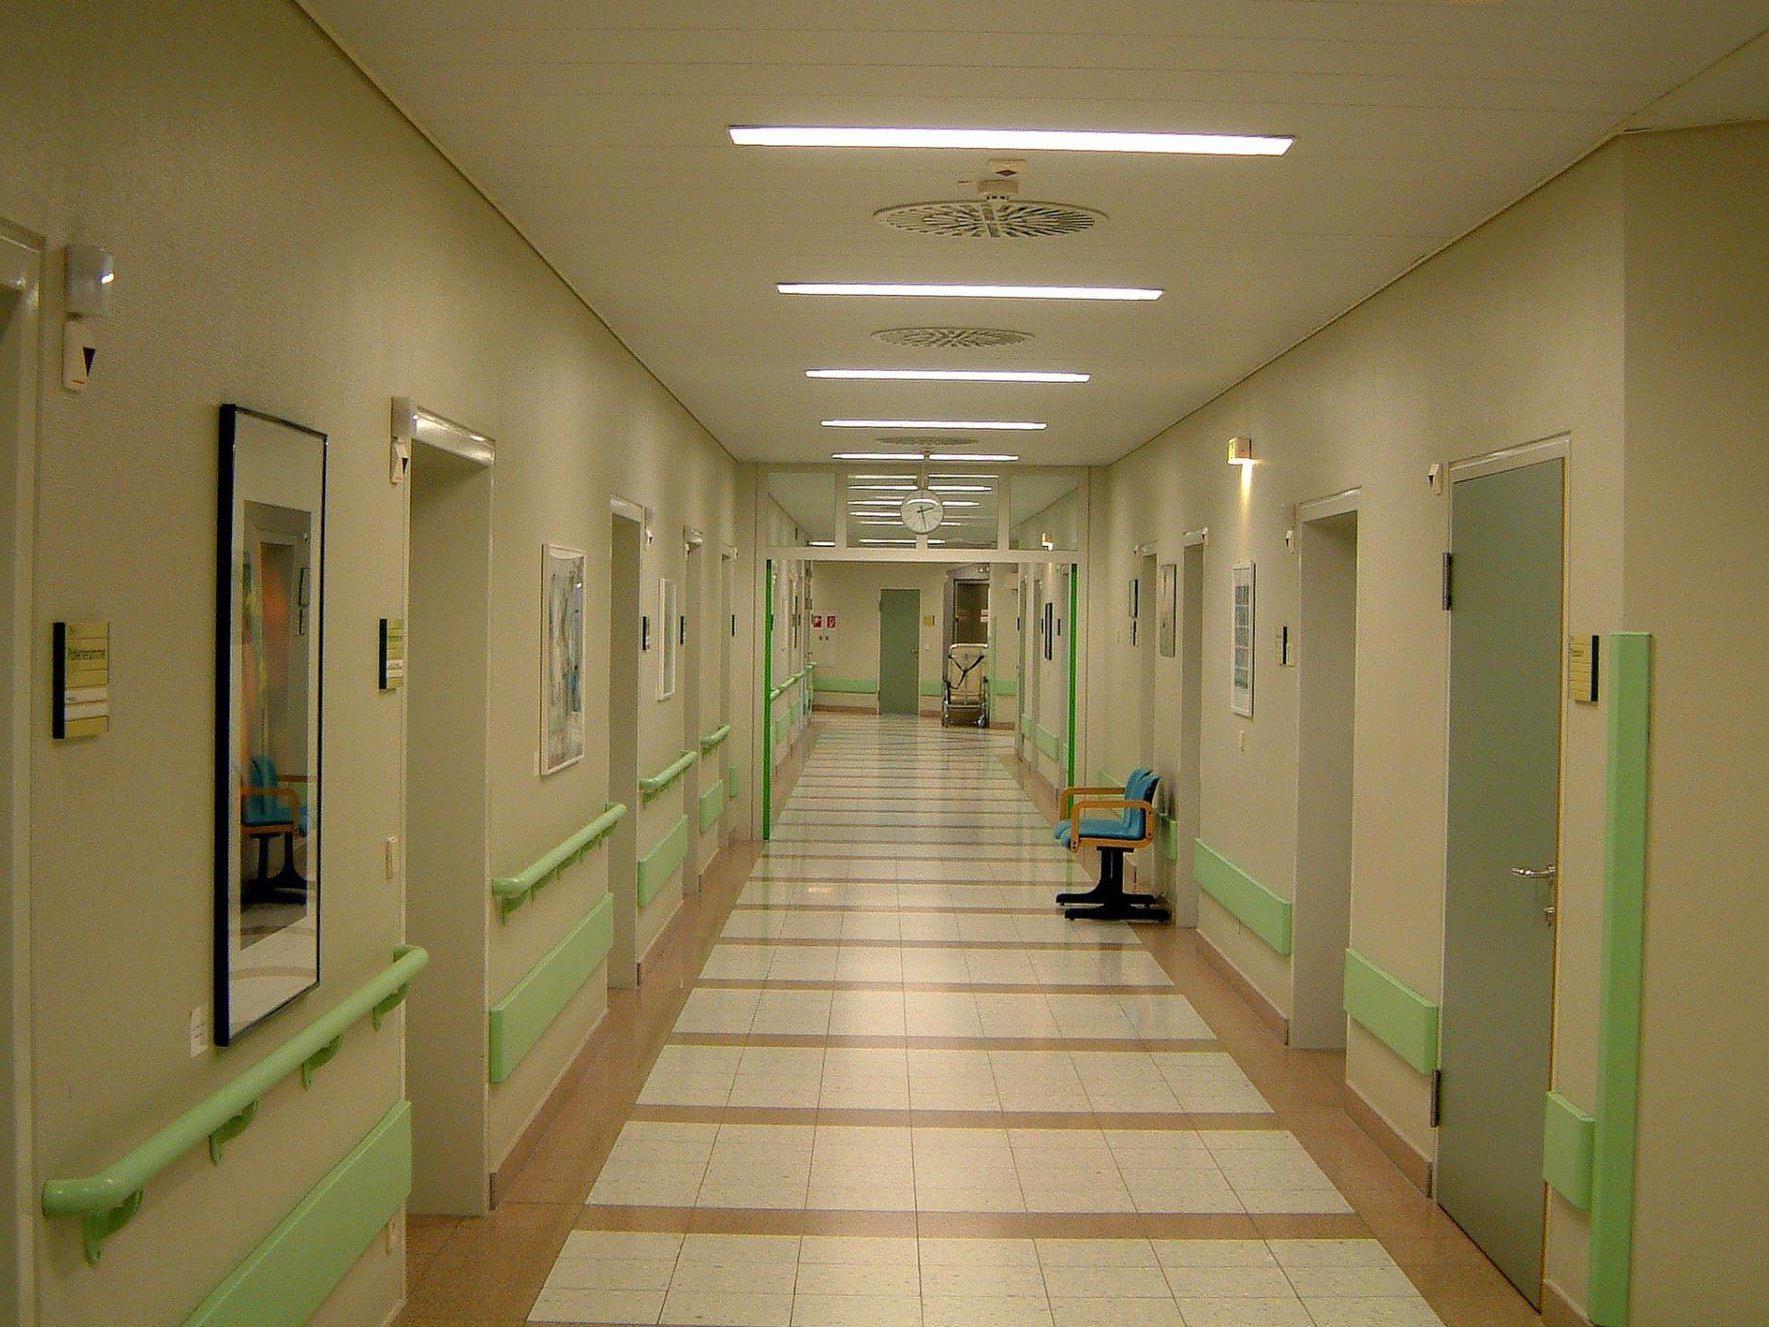 Kühlmöglichkeiten zu knapp: Lebensmittelvergiftung im Krankenhaus.